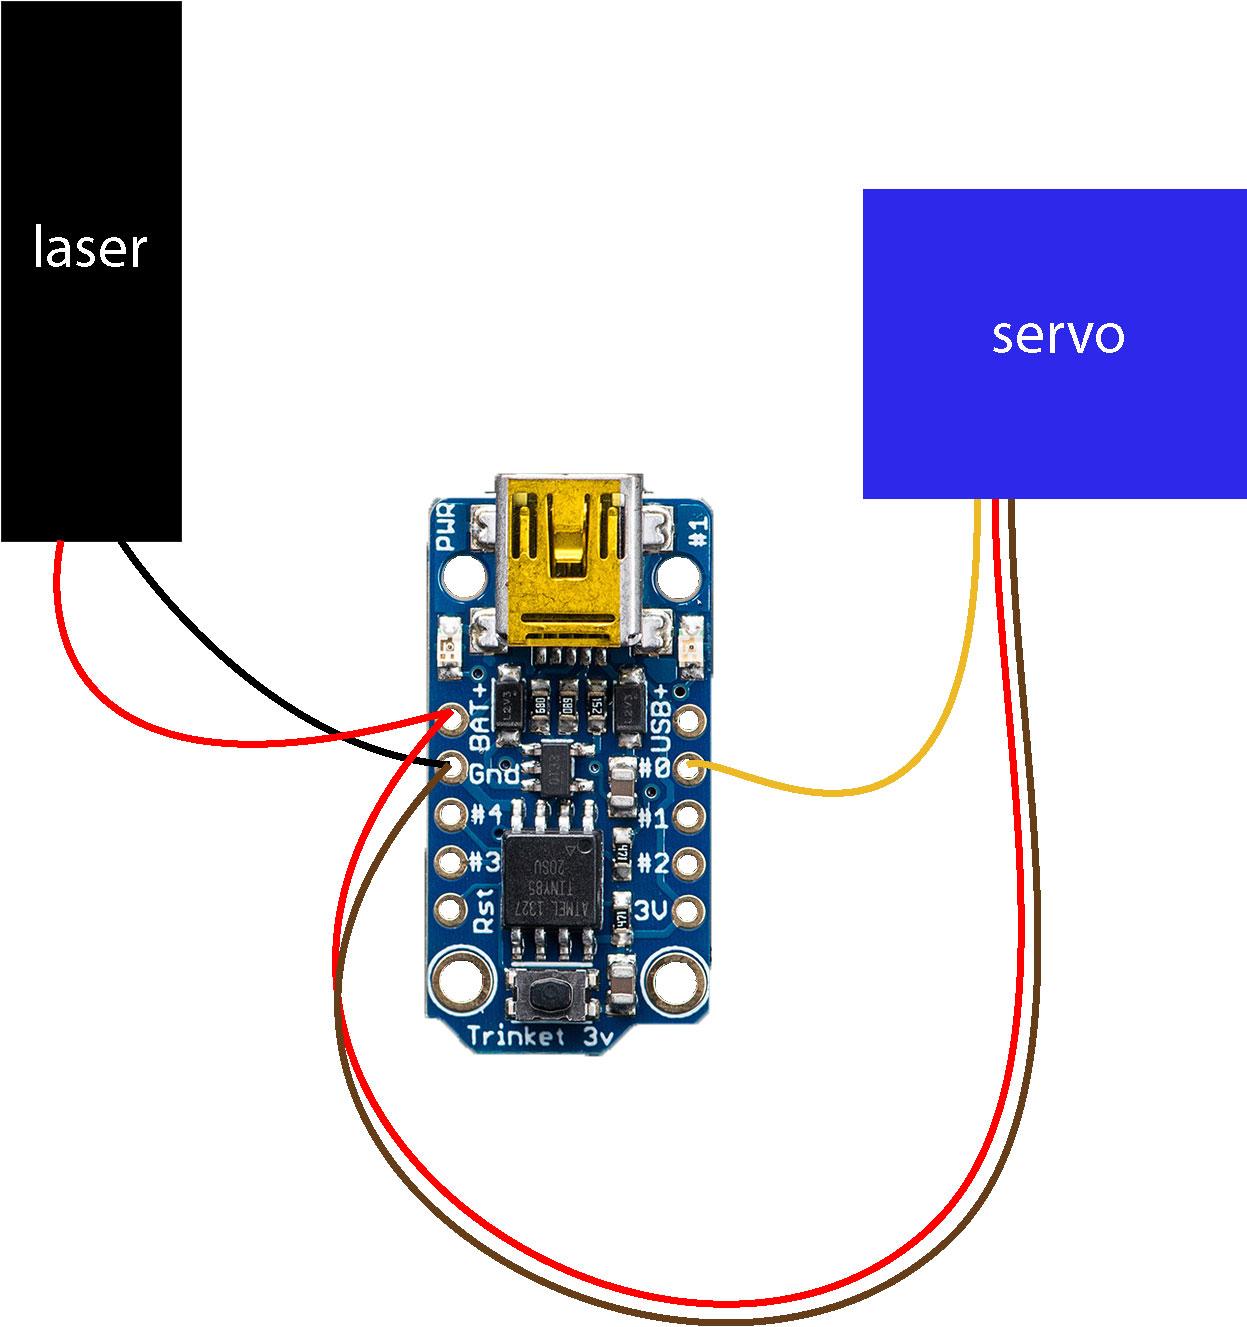 trinket_circuit-diagram.jpg